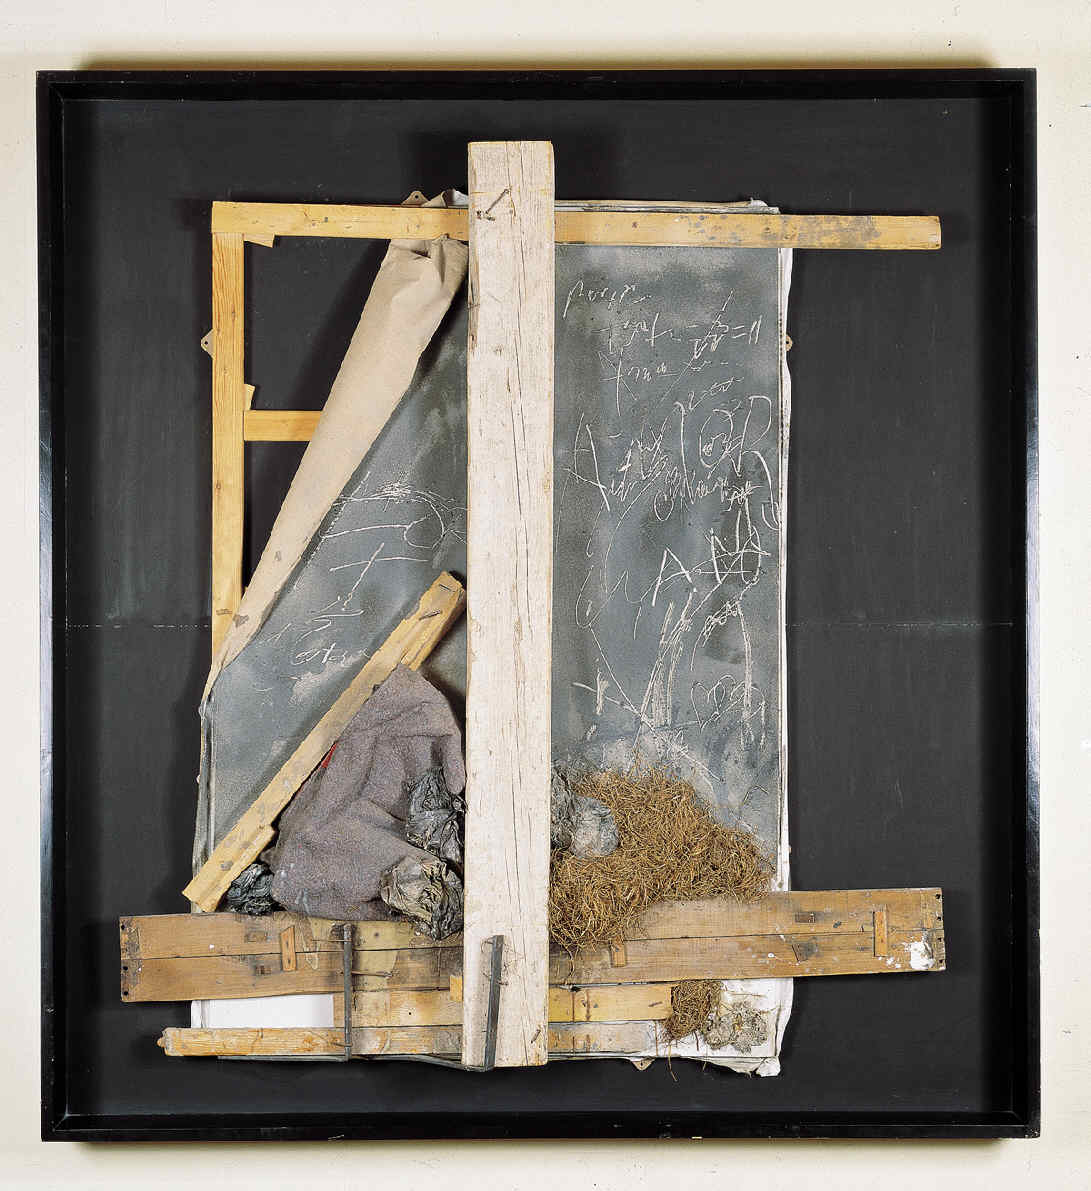 """""""Assemblage amb graffiti """" de Antoni Tàpies© Comissió Tàpies, VEGAP, Madrid, 2019."""